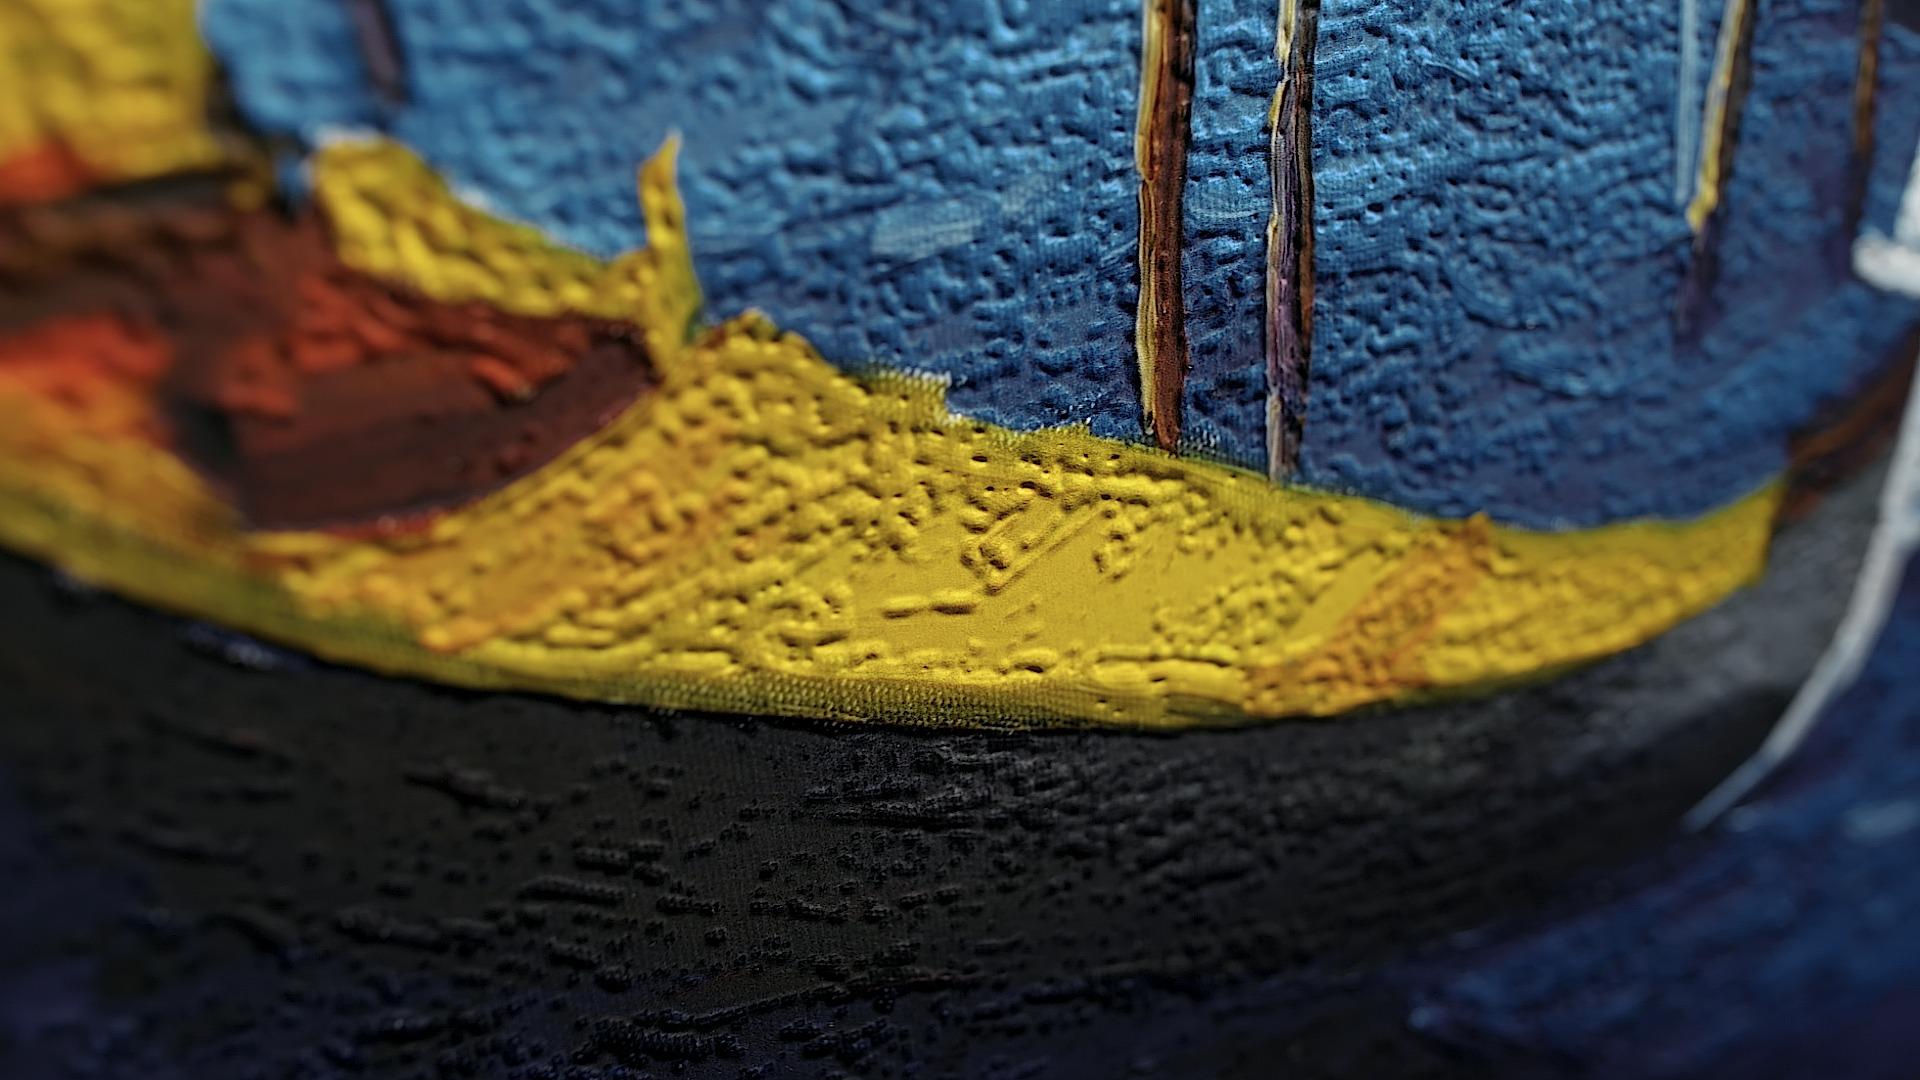 canvas-0034_1596527862-8a50e3f96574aee81f902c918195278b.jpg